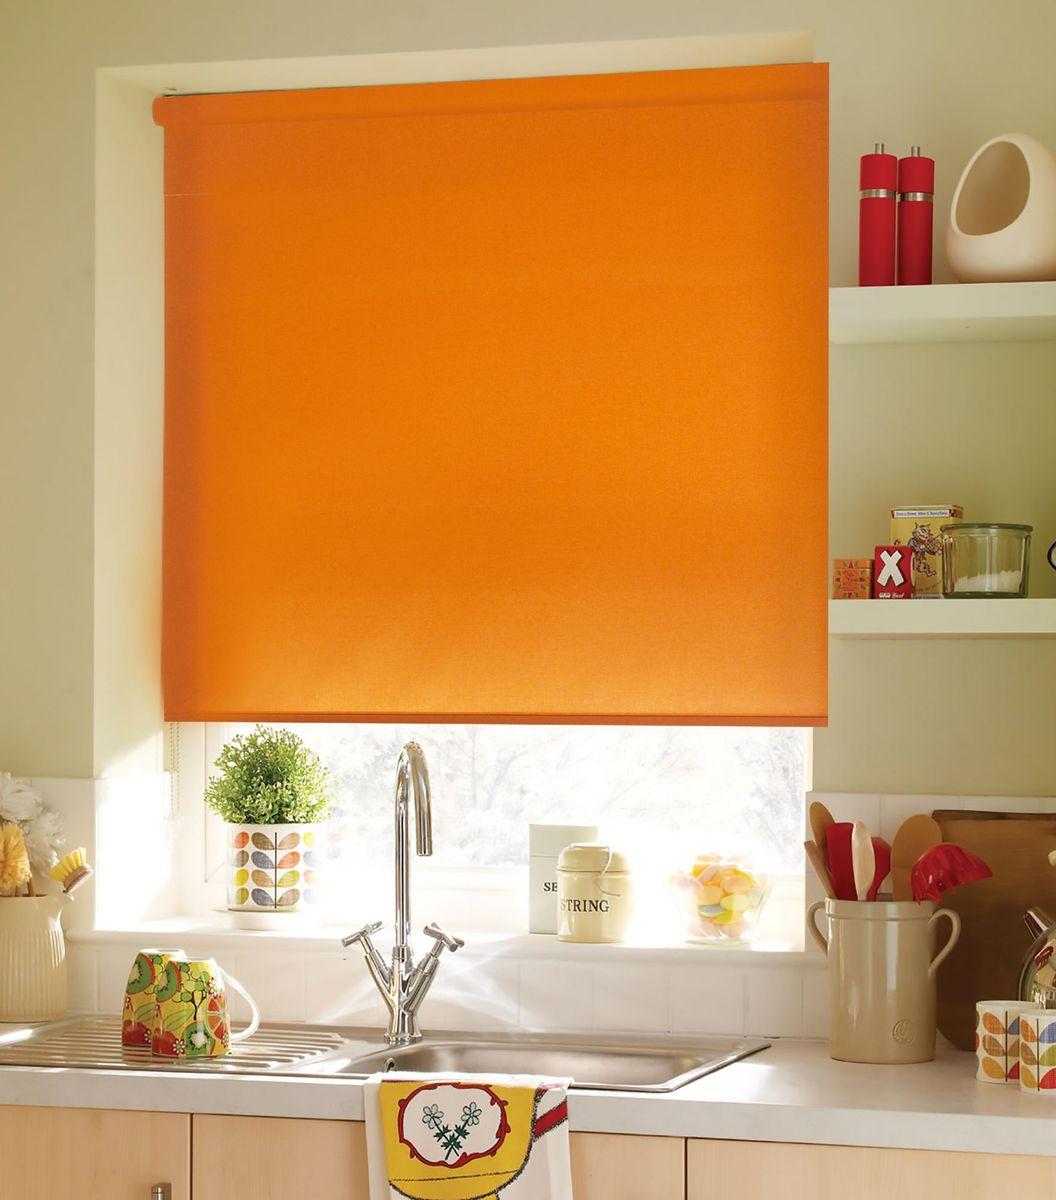 Штора рулонная Эскар, цвет: апельсиновый, ширина 60 см, высота 170 см81203060170Рулонными шторами можно оформлять окна как самостоятельно, так и использовать в комбинации с портьерами. Это поможет предотвратить выгорание дорогой ткани на солнце и соединит функционал рулонных с красотой навесных. Преимущества применения рулонных штор для пластиковых окон: - имеют прекрасный внешний вид: многообразие и фактурность материала изделия отлично смотрятся в любом интерьере; - многофункциональны: есть возможность подобрать шторы способные эффективно защитить комнату от солнца, при этом о на не будет слишком темной. - Есть возможность осуществить быстрый монтаж. ВНИМАНИЕ! Размеры ширины изделия указаны по ширине ткани! Во время эксплуатации не рекомендуется полностью разматывать рулон, чтобы не оторвать ткань от намоточного вала. В случае загрязнения поверхности ткани, чистку шторы проводят одним из способов, в зависимости от типа загрязнения: легкое поверхностное загрязнение можно удалить при помощи...